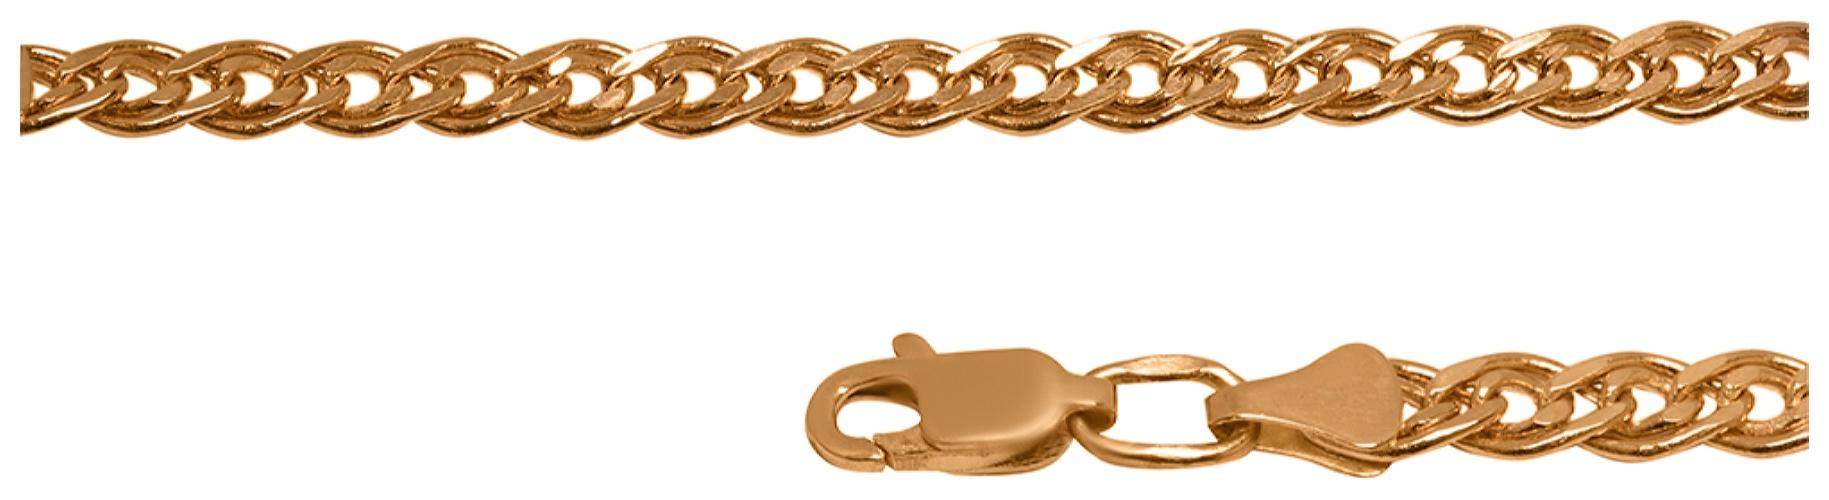 картинка браслет из золота 585° ТАБ-25-300